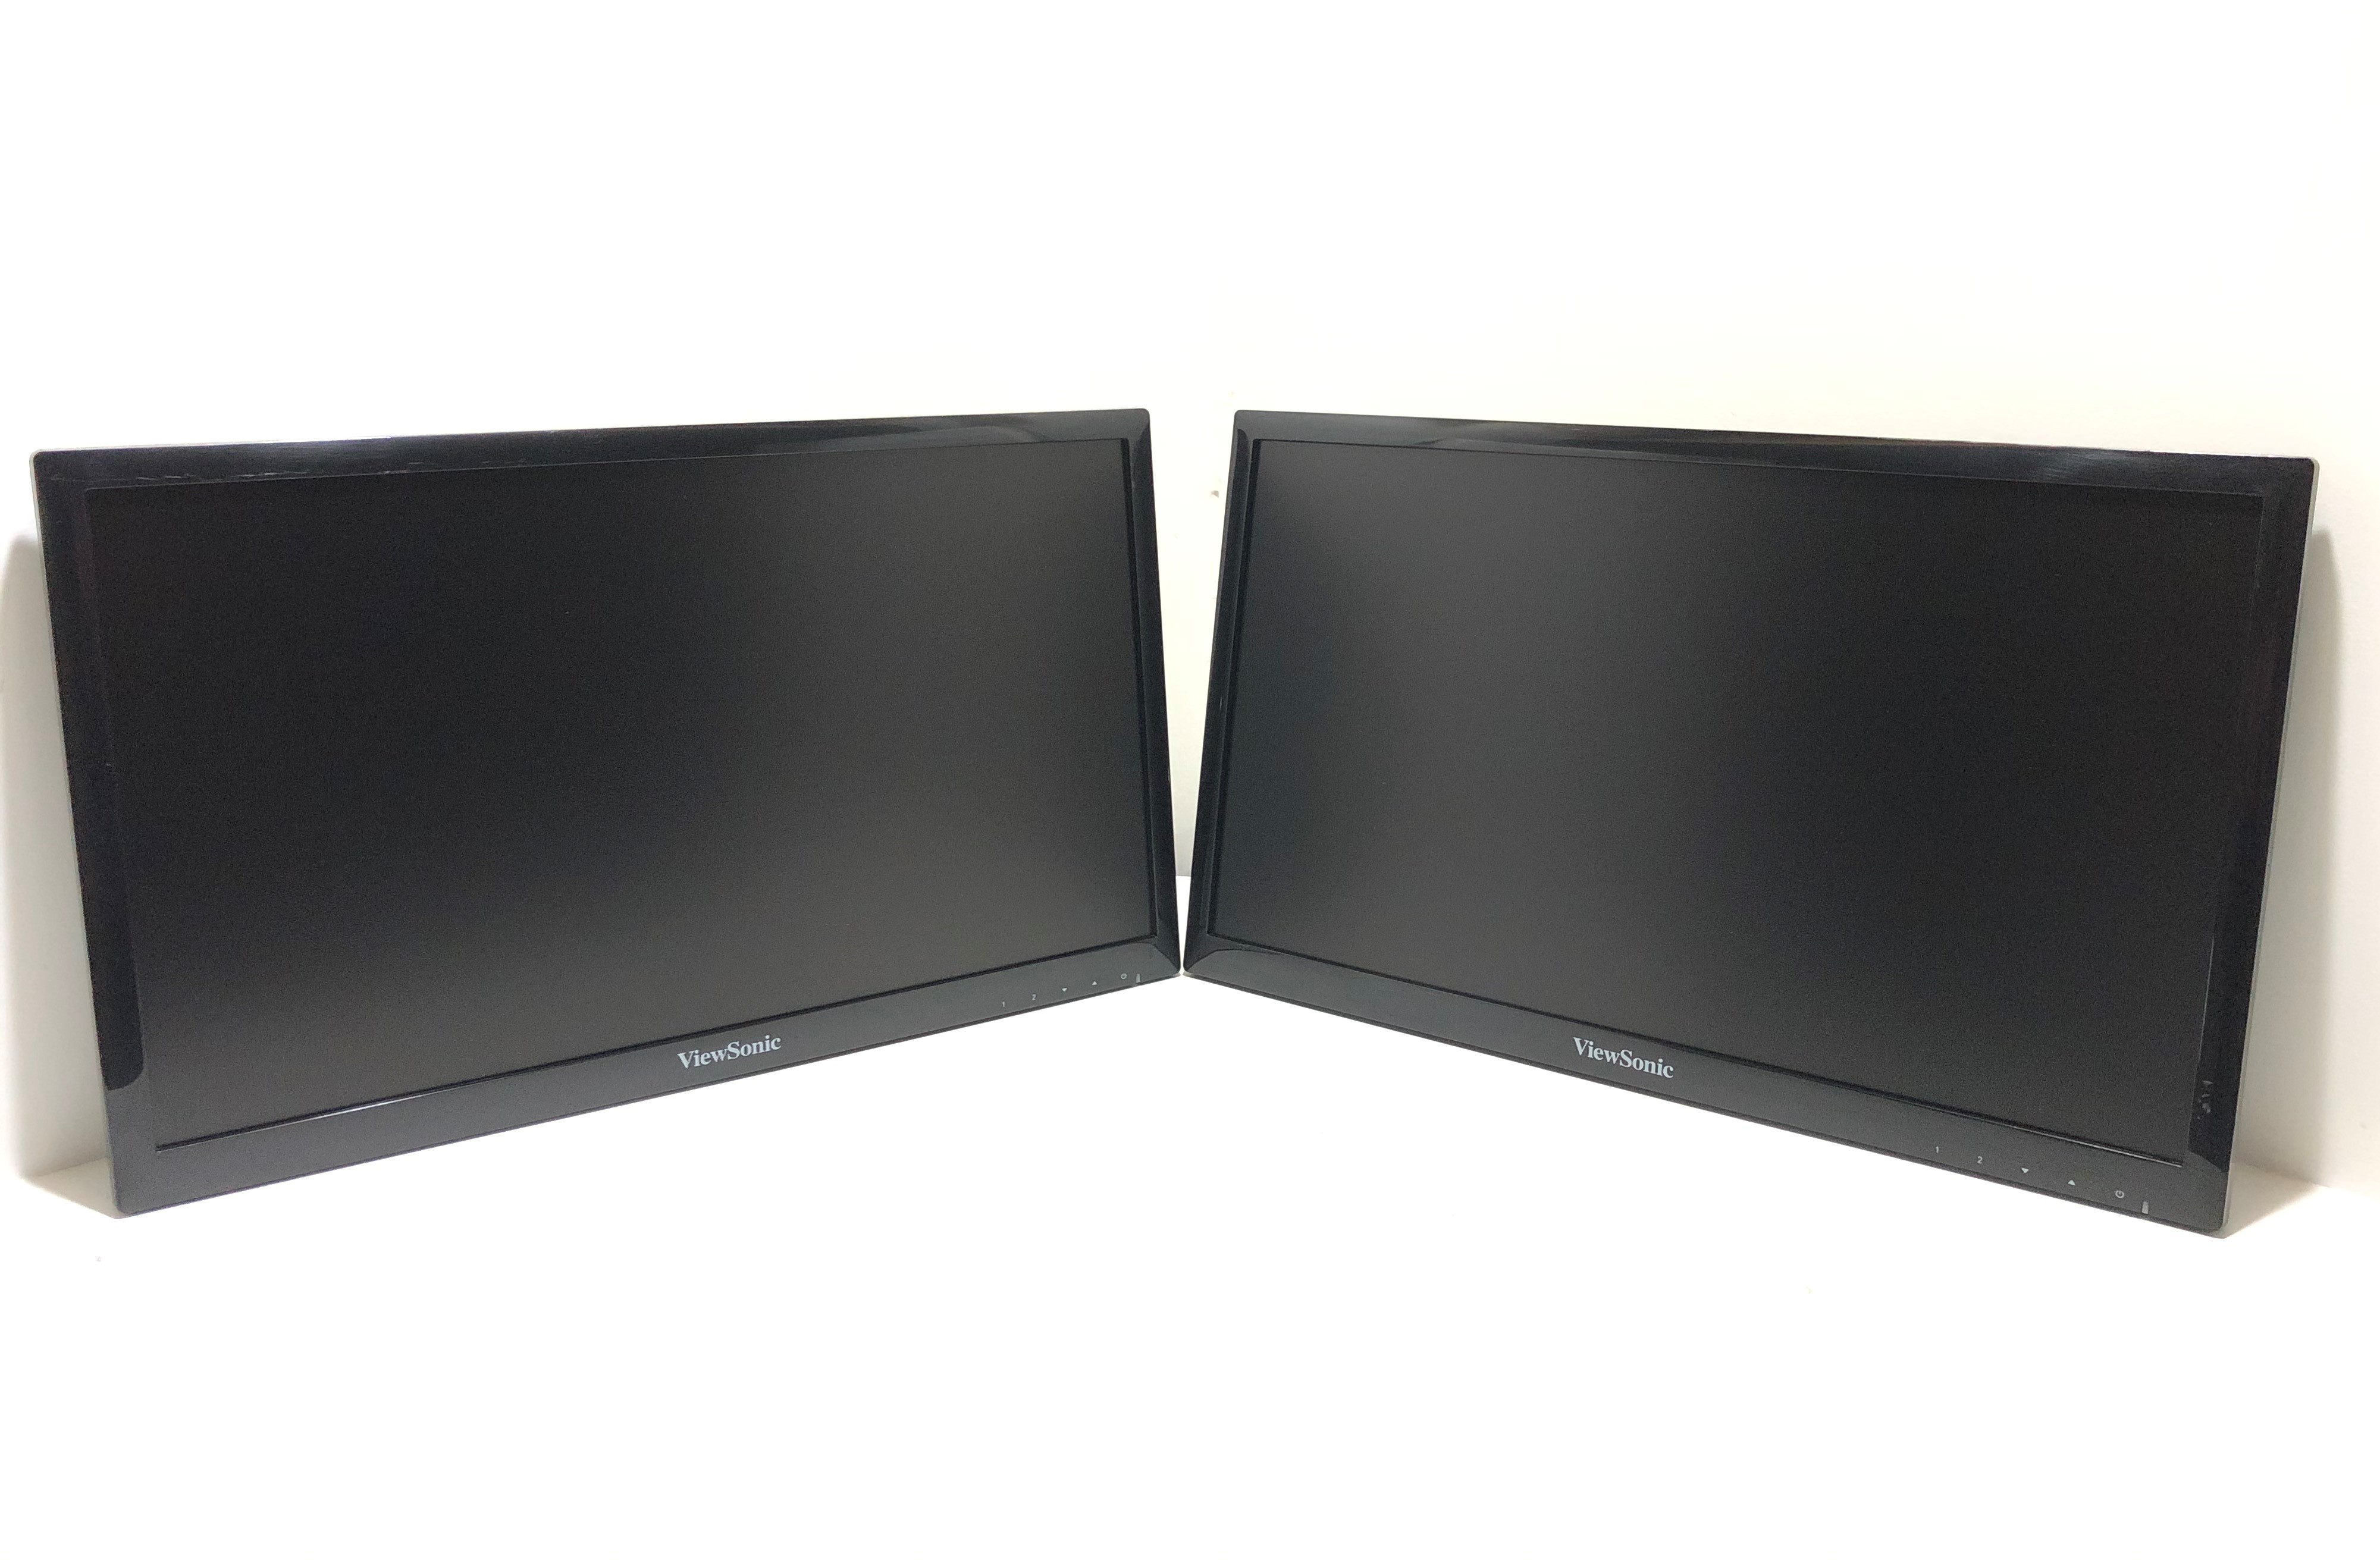 Viewsonic-VX2210MH-LED